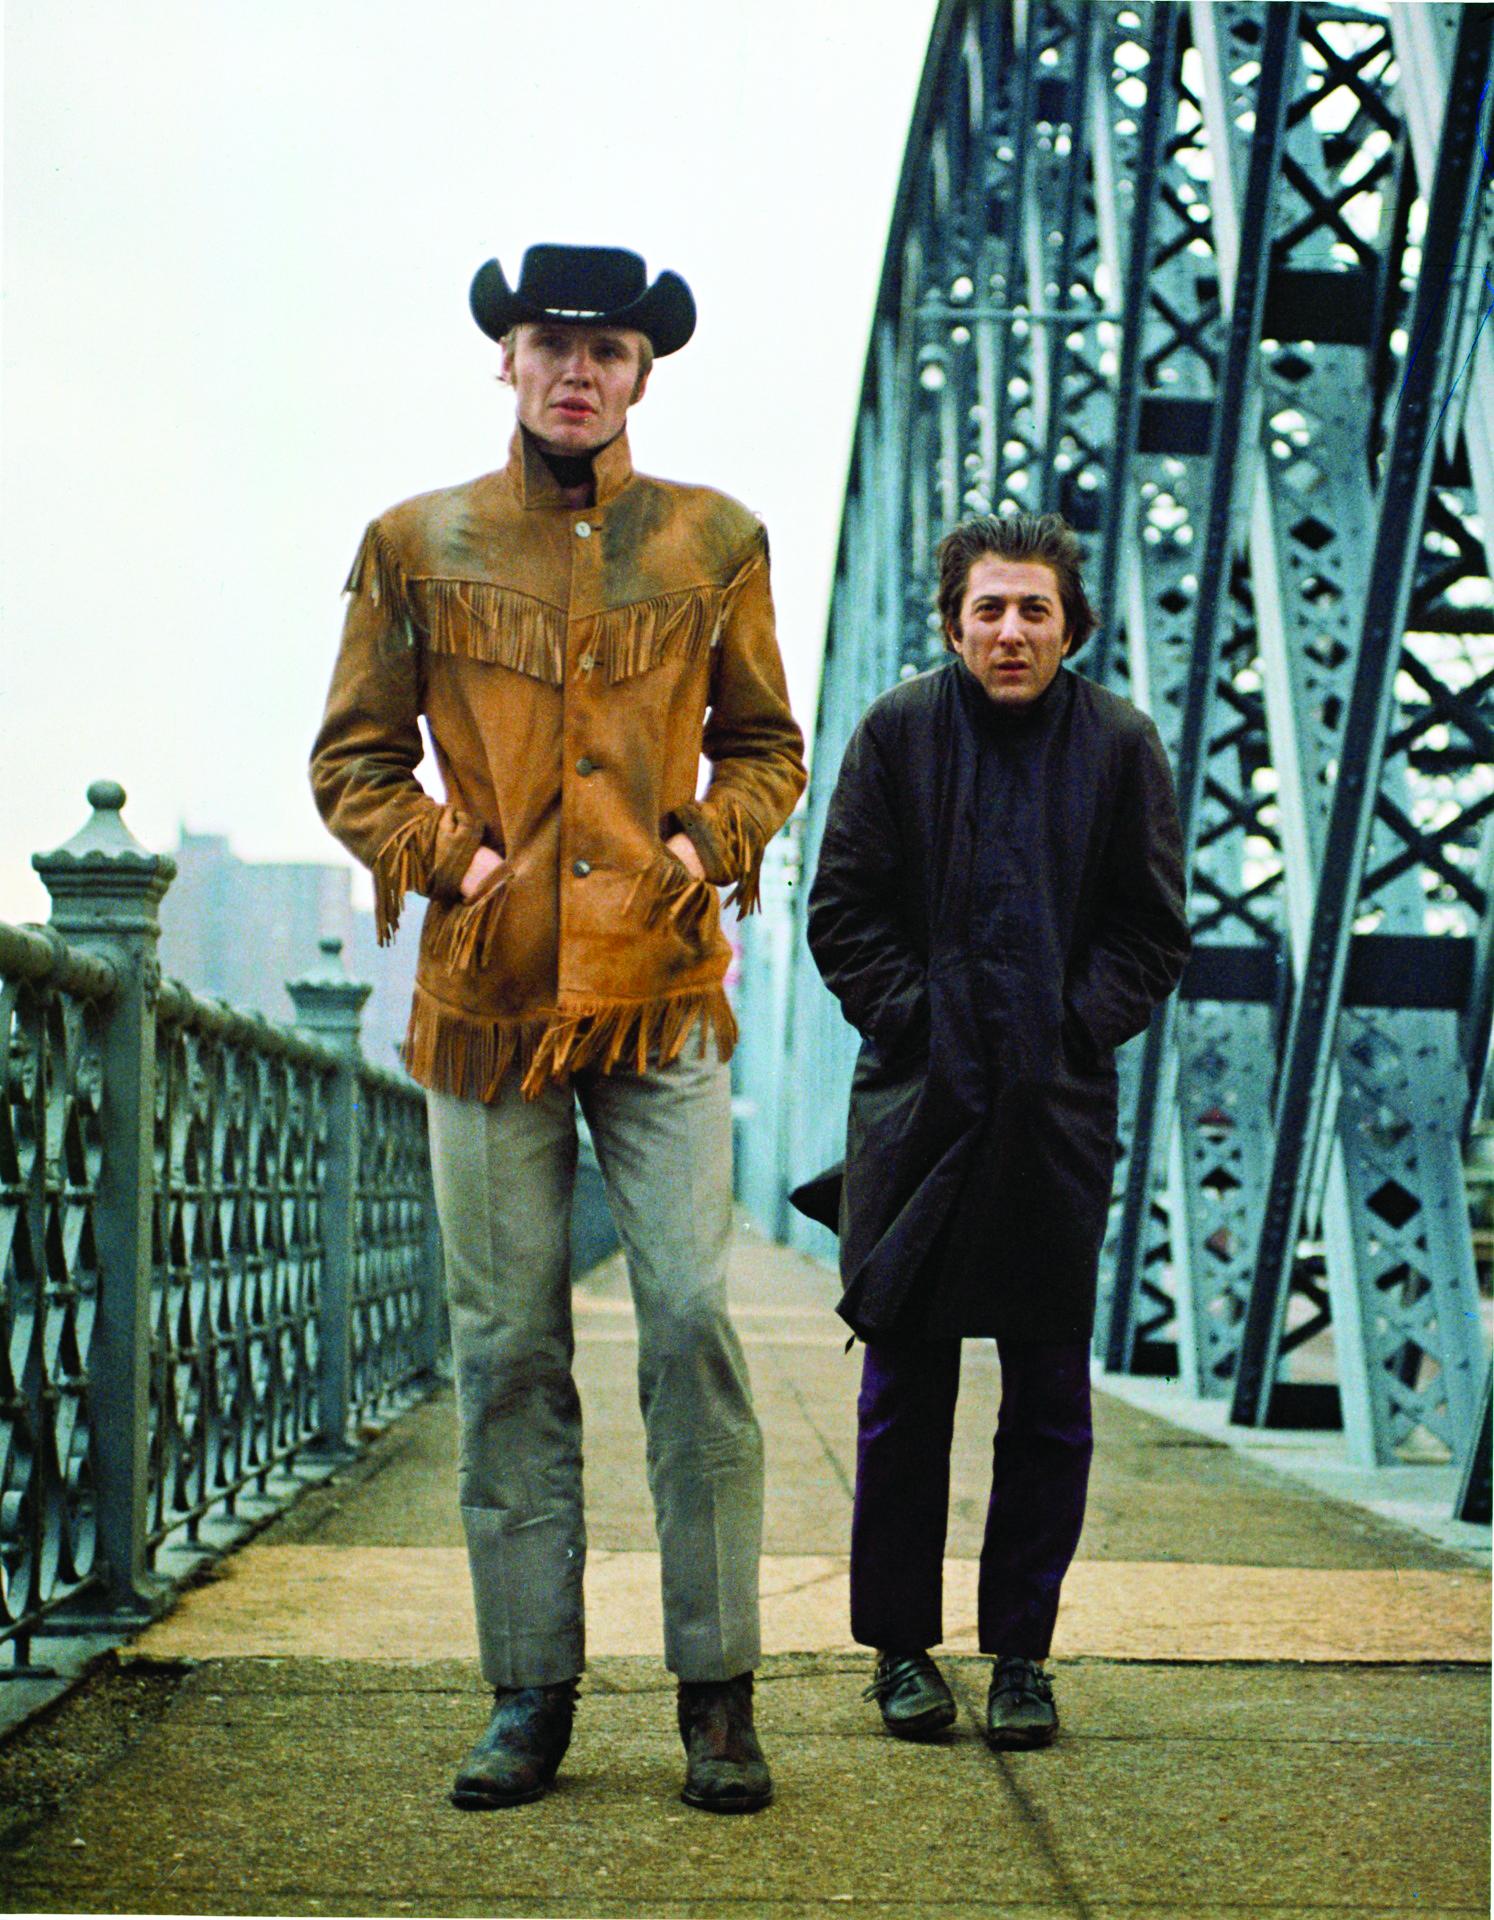 電影《午夜牛郎》中,莊威飾演的「牛郎」與「馬伕」德斯汀荷夫曼生活在社會最底層,「賣身」換來的不過是牛奶麵包。